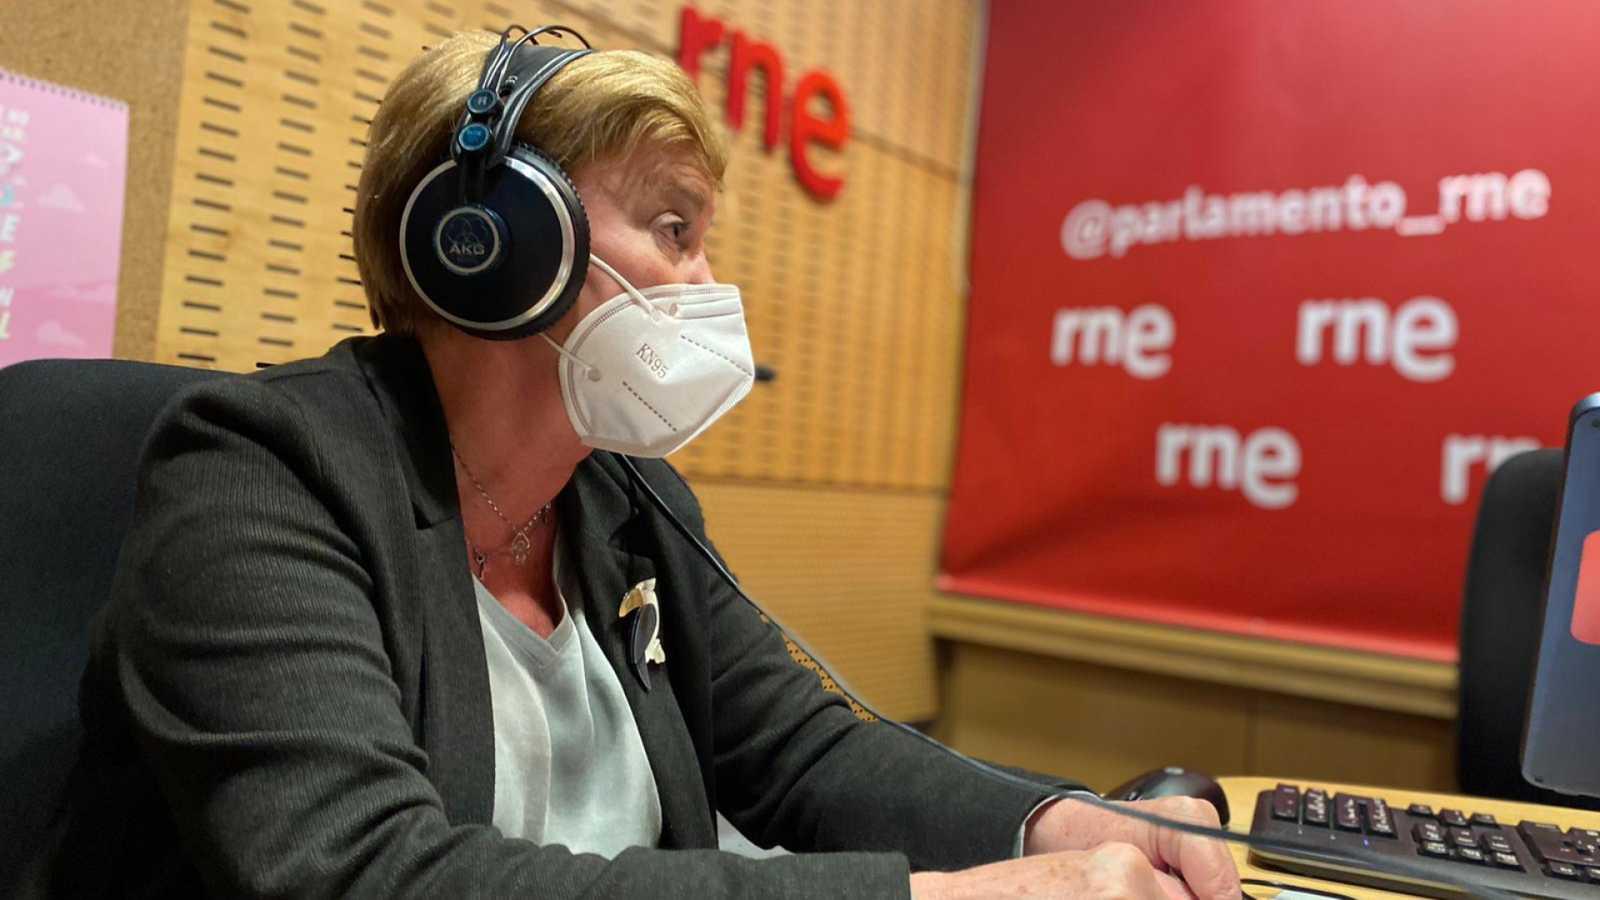 """Parlamento - Radio 5 - Isaura Leal (PSOE): """"La proposición es una iniciativa parlamentaria para dar solución al bloqueo de la renovación del CGPJ en el marco constitucional"""" - Escuchar ahora"""